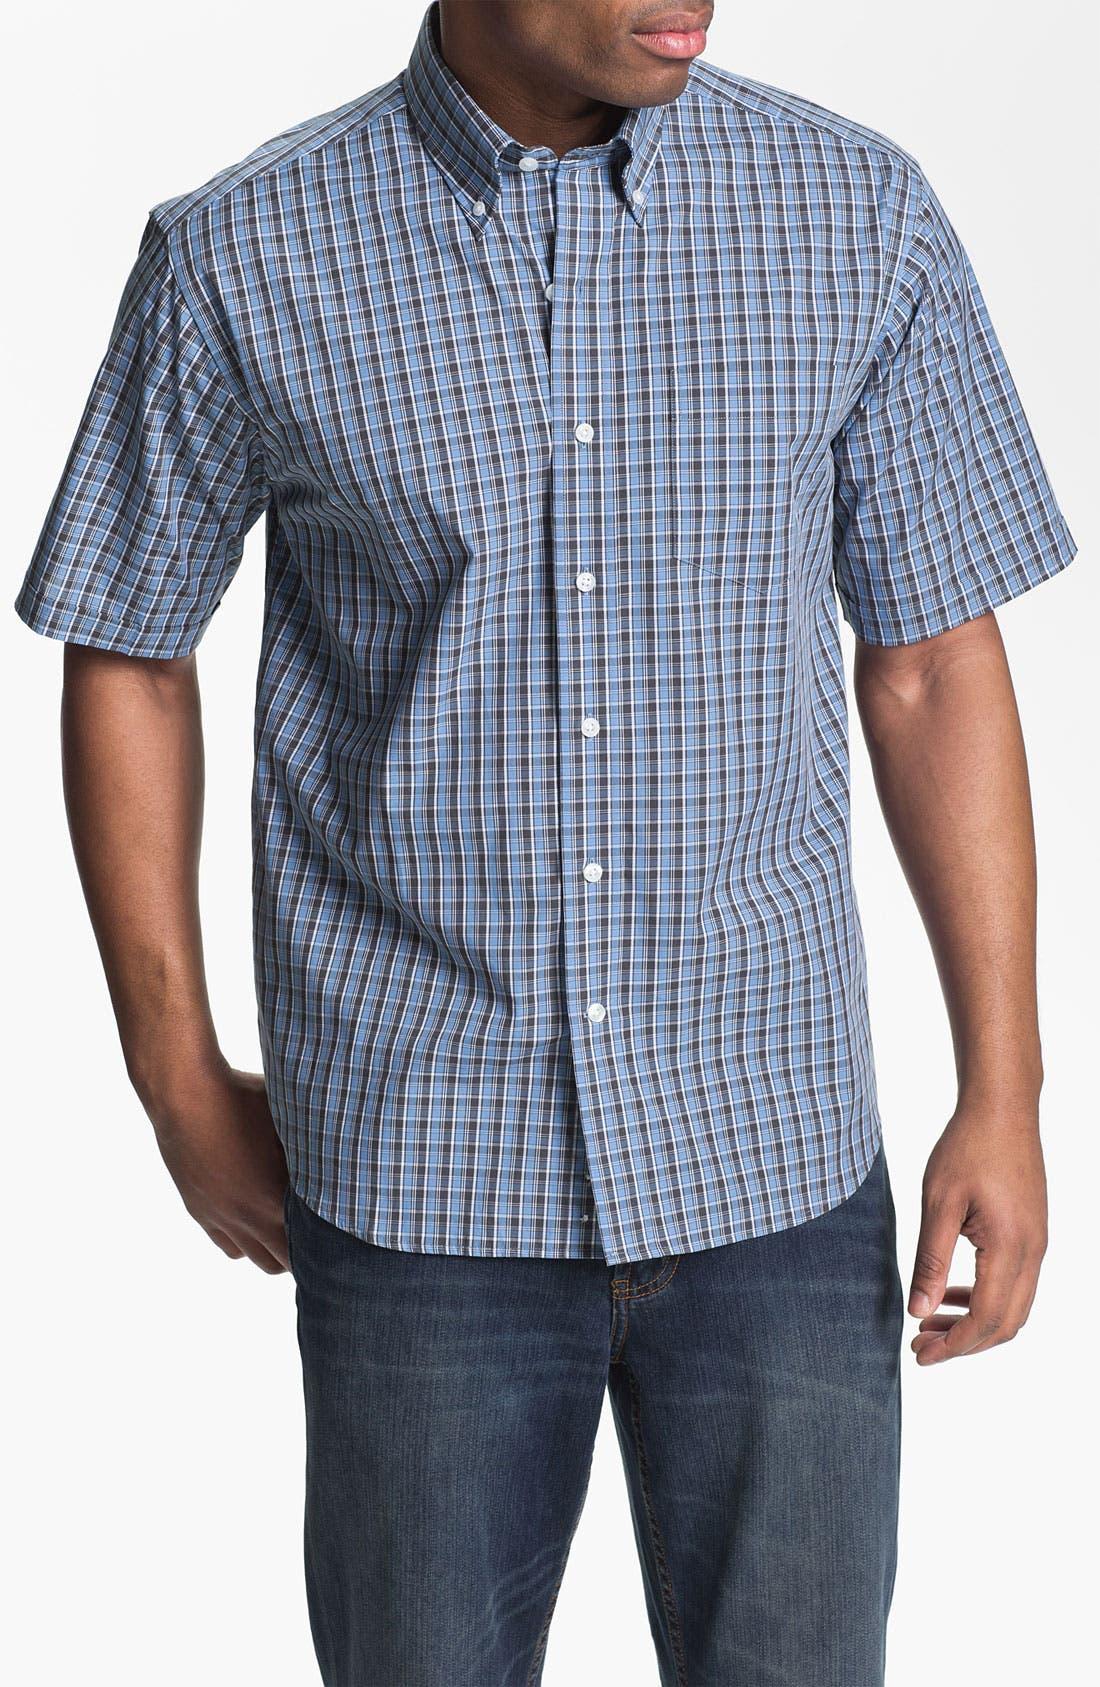 Main Image - Cutter & Buck 'Midvale' Check Sport Shirt